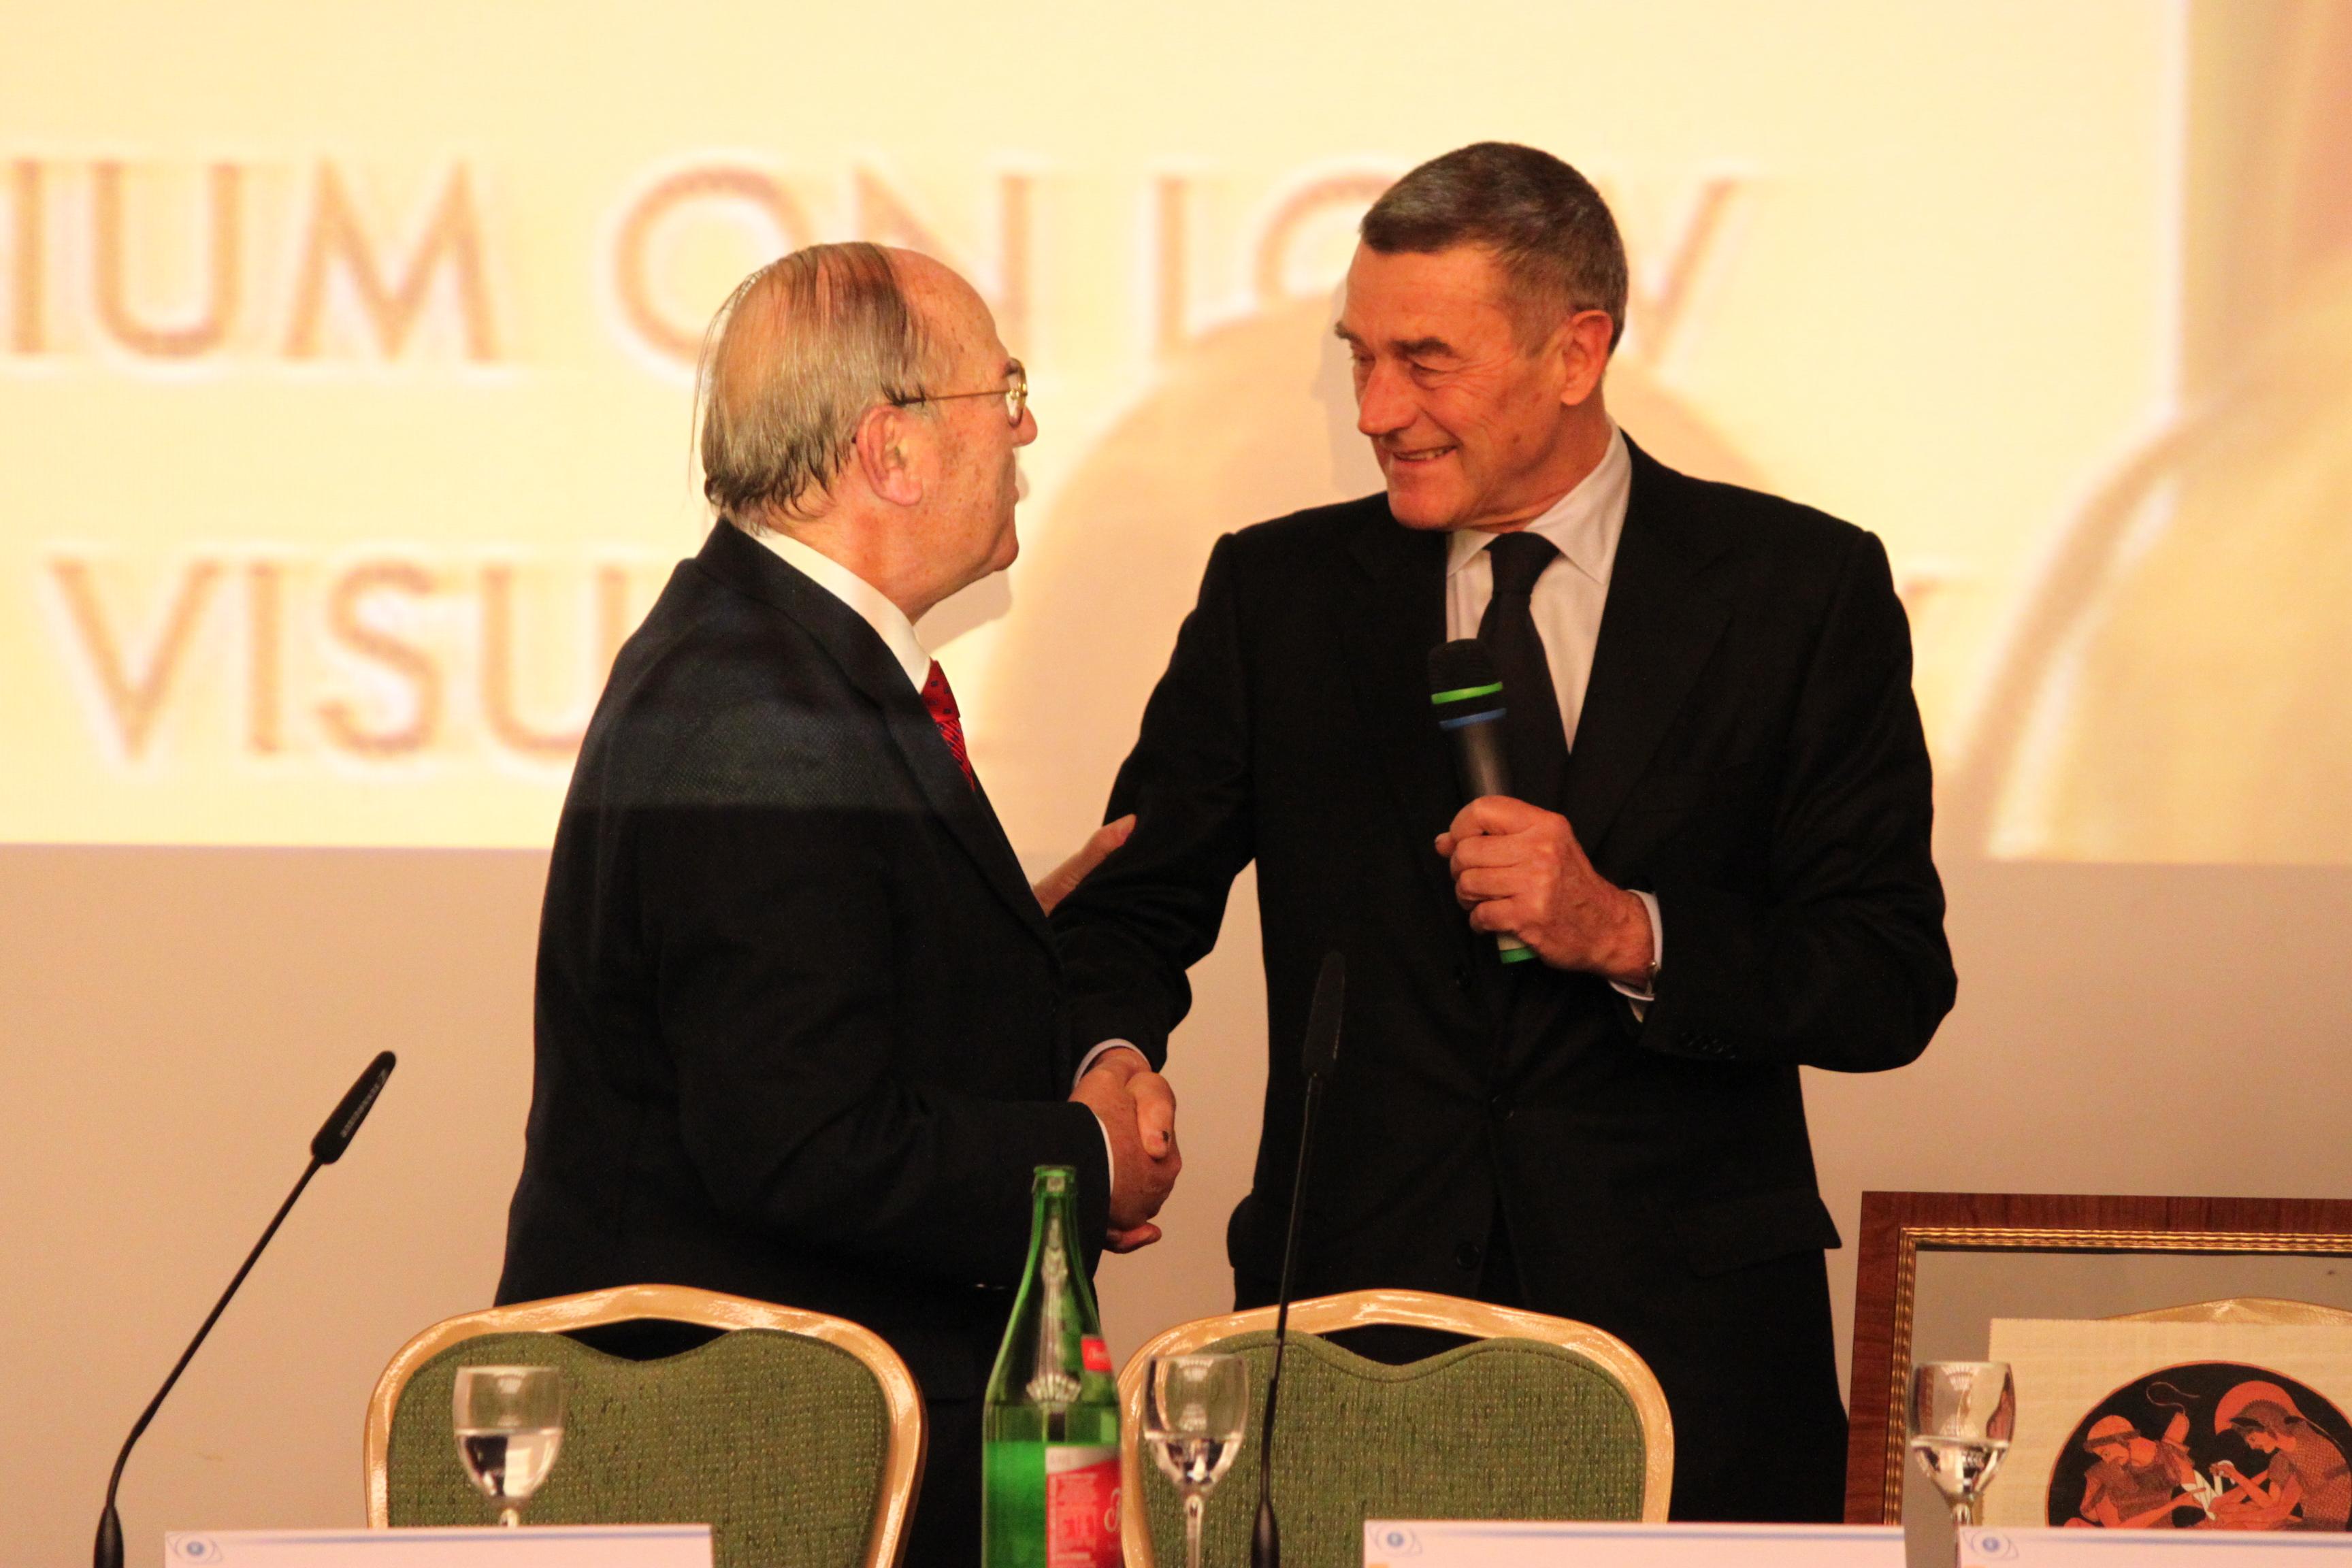 Da destra: Prof. Ferruccio Fazio, ex Ministro della Salute, e l'avv. Giuseppe Castronovo, Presidente della IAPB Italia onlus